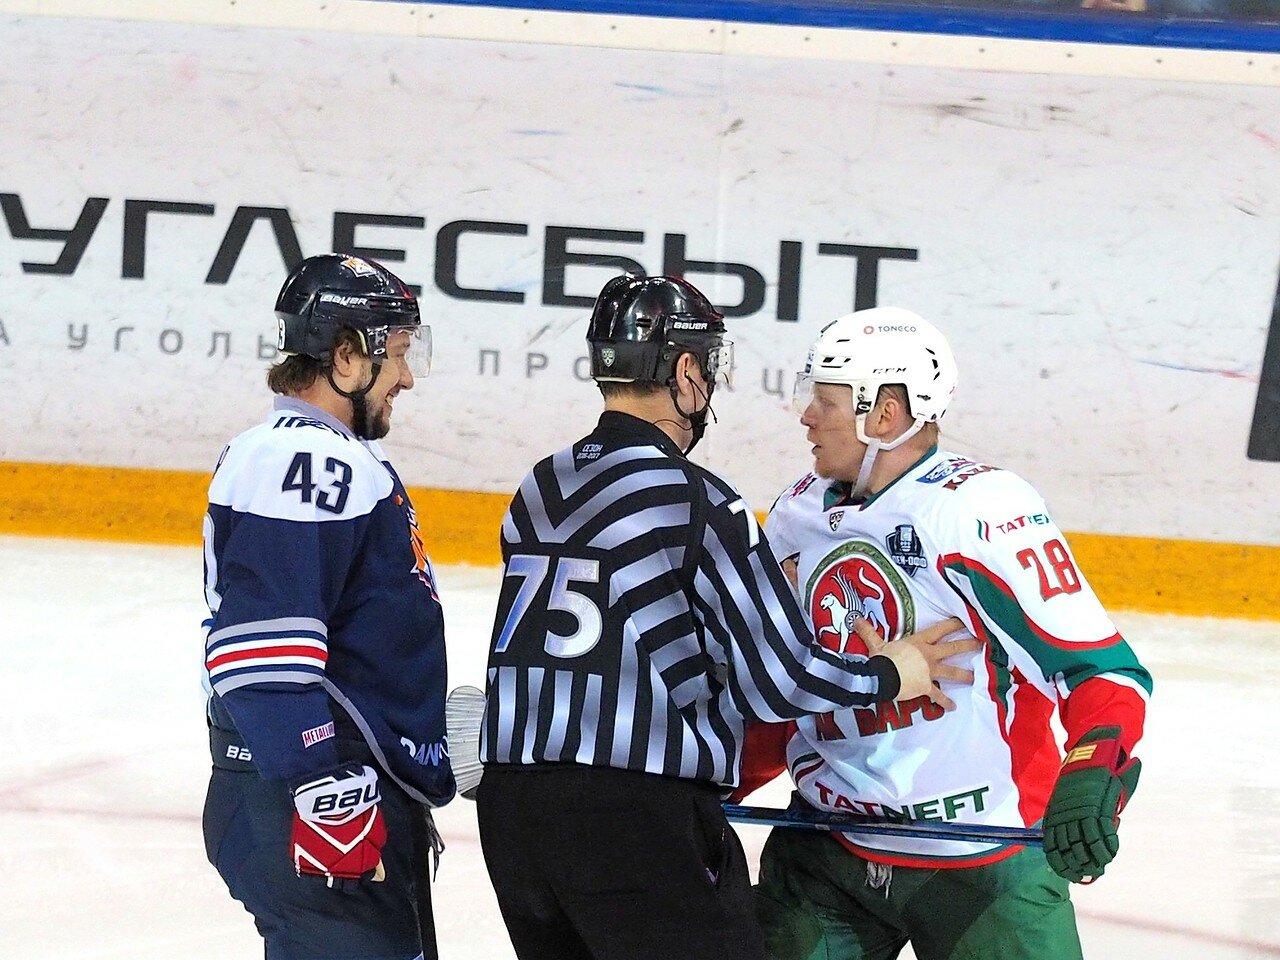 44 Первая игра финала плей-офф восточной конференции 2017 Металлург - АкБарс 24.03.2017